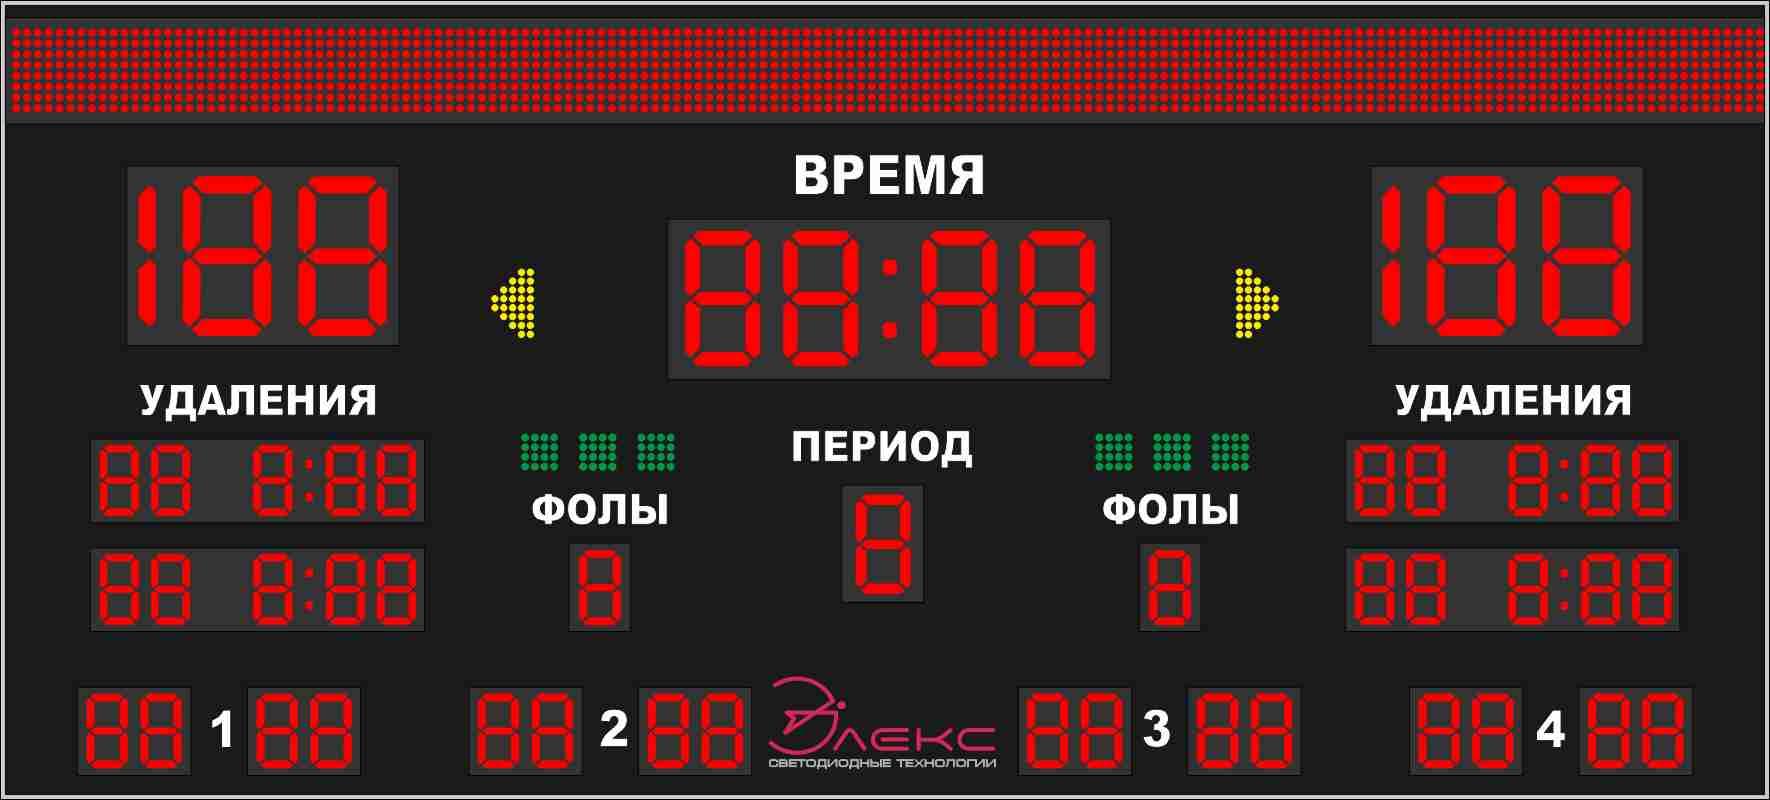 Комбинированное спортивное табло №2